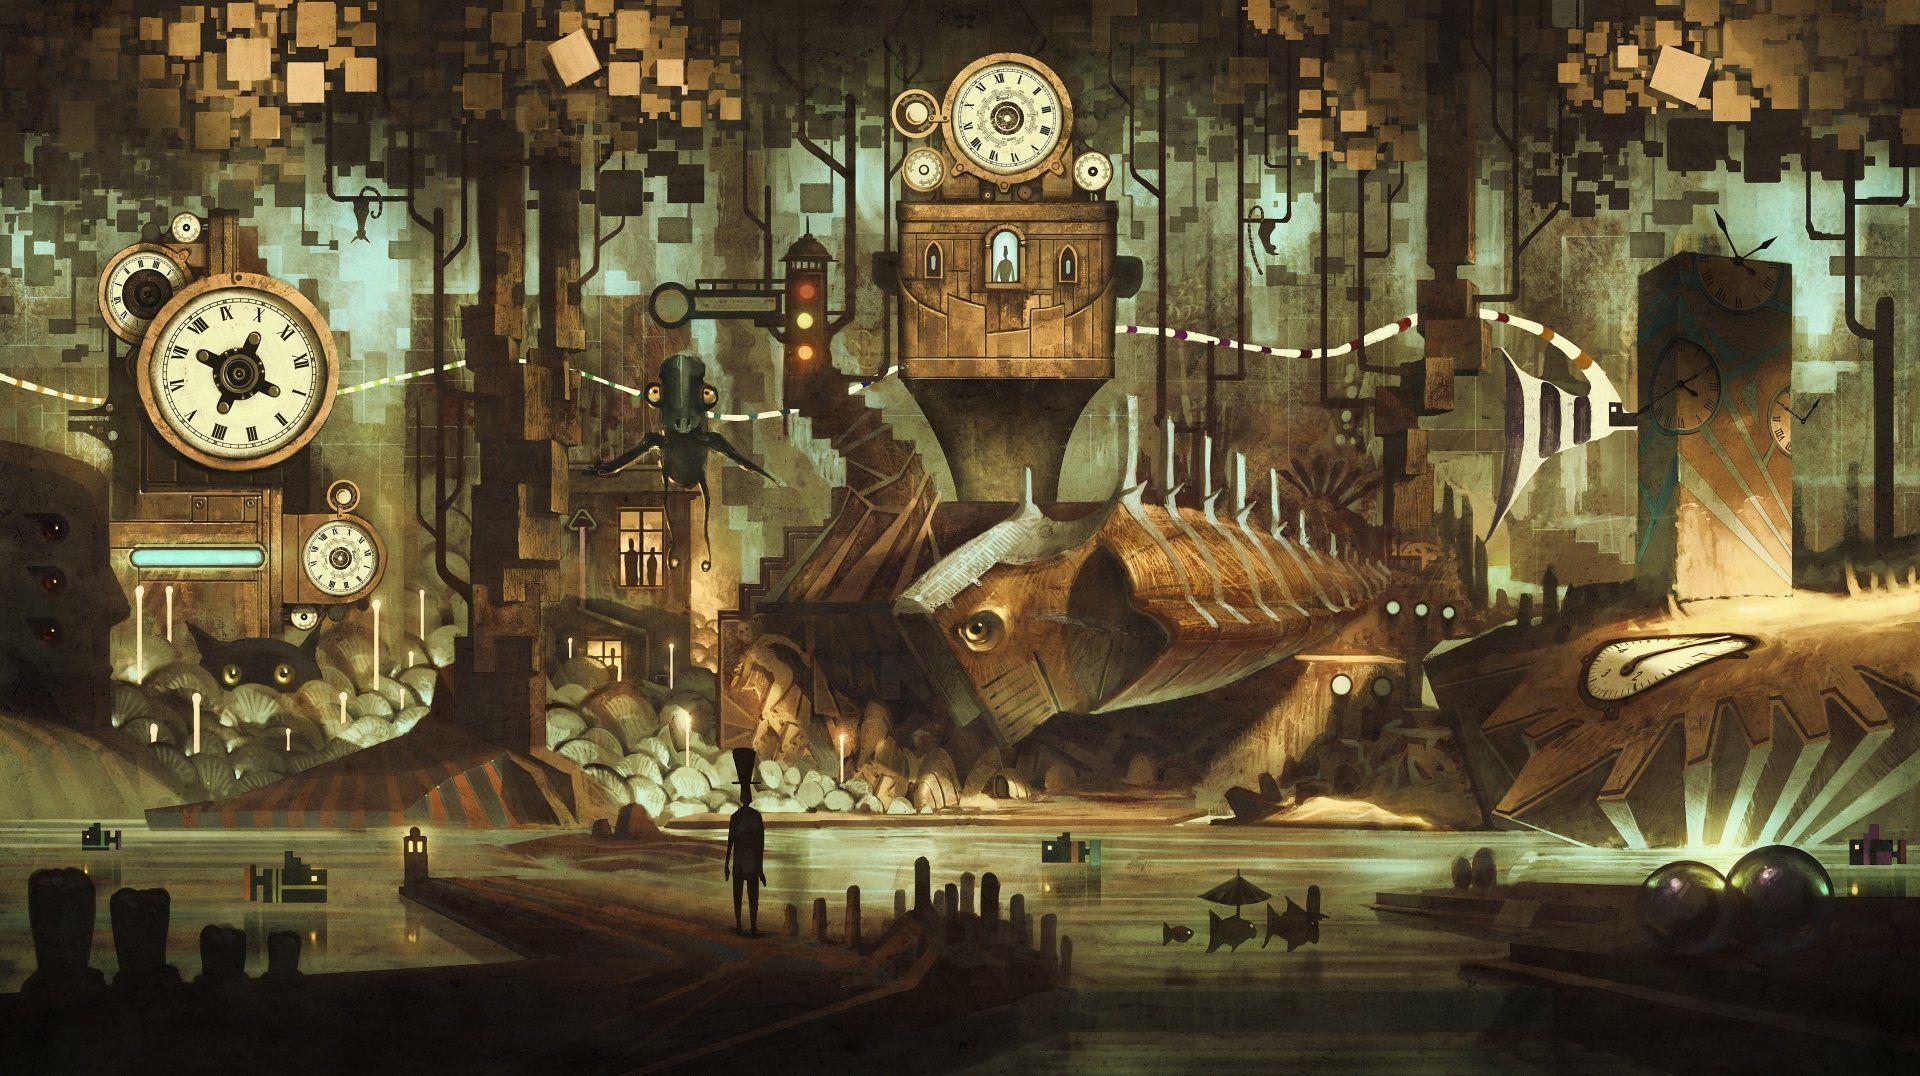 Steampunk Steampunk Wallpaper Steampunk Background Steampunk City